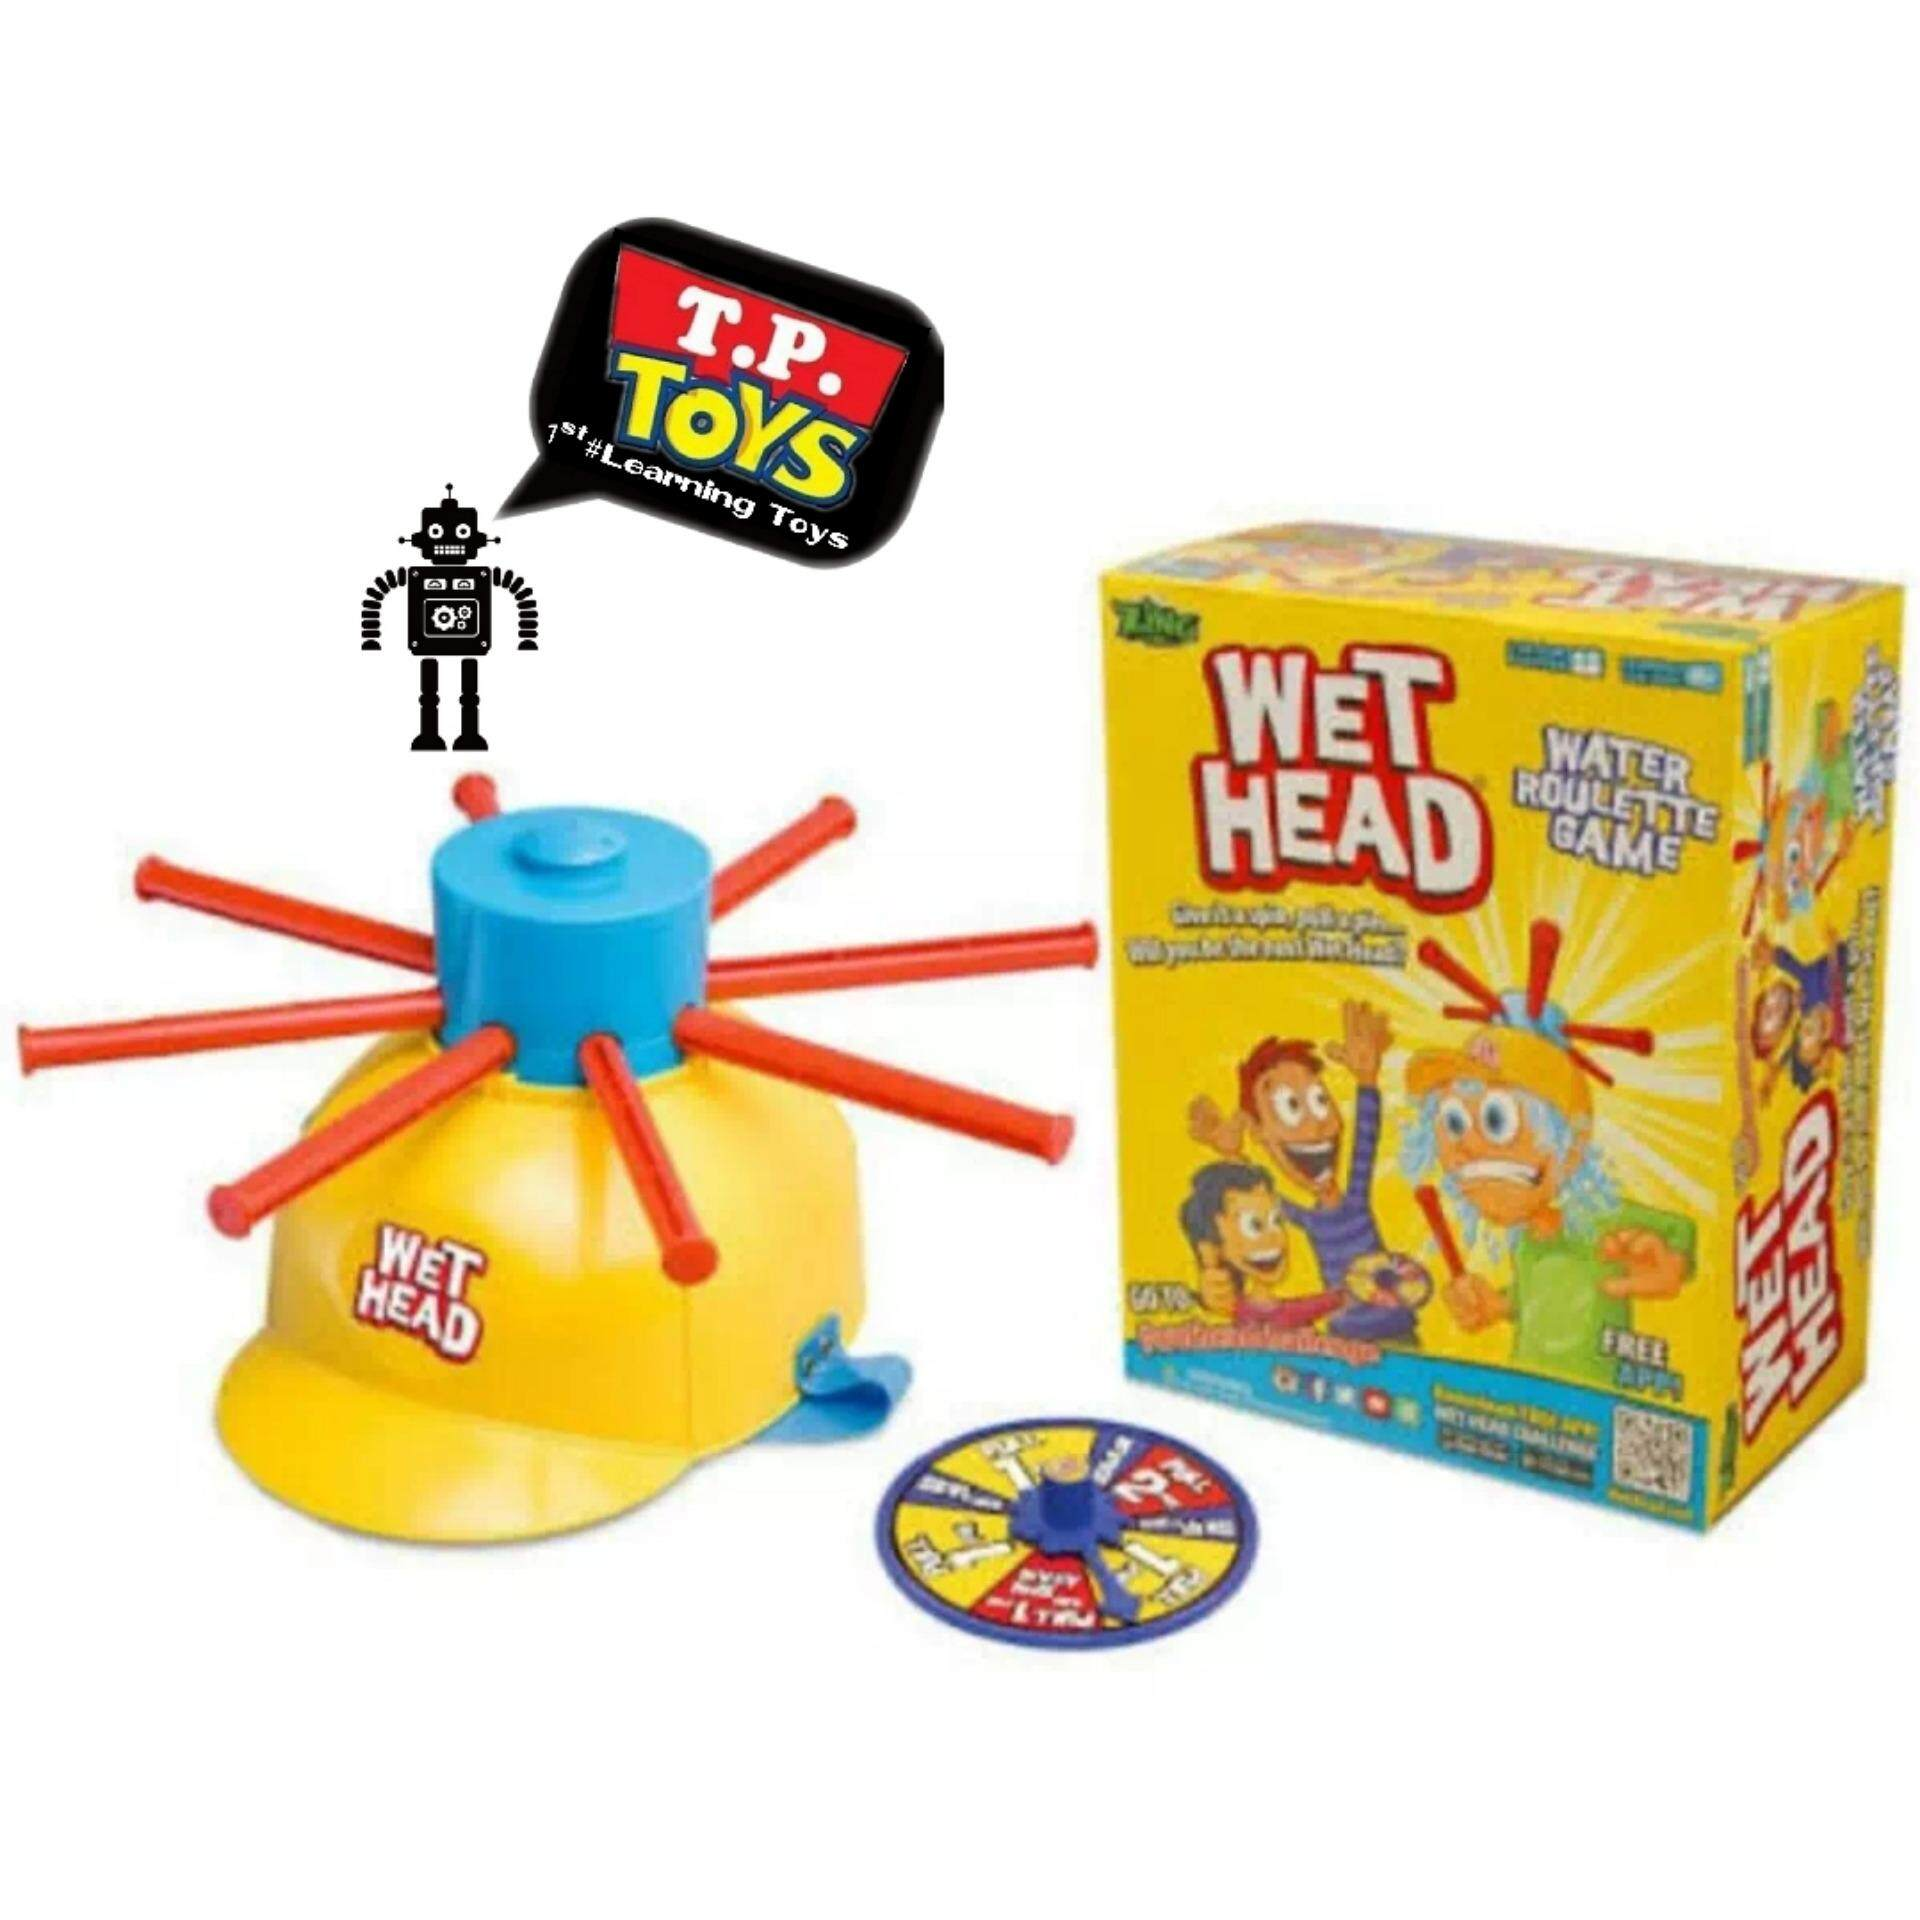 ขาย T P Toys Wet Head Challenge เกมส์หัวเปียกน้ำ สุดฮิตในต่างประเทศ เล่นได้ทั้งครอบครัว กรุงเทพมหานคร